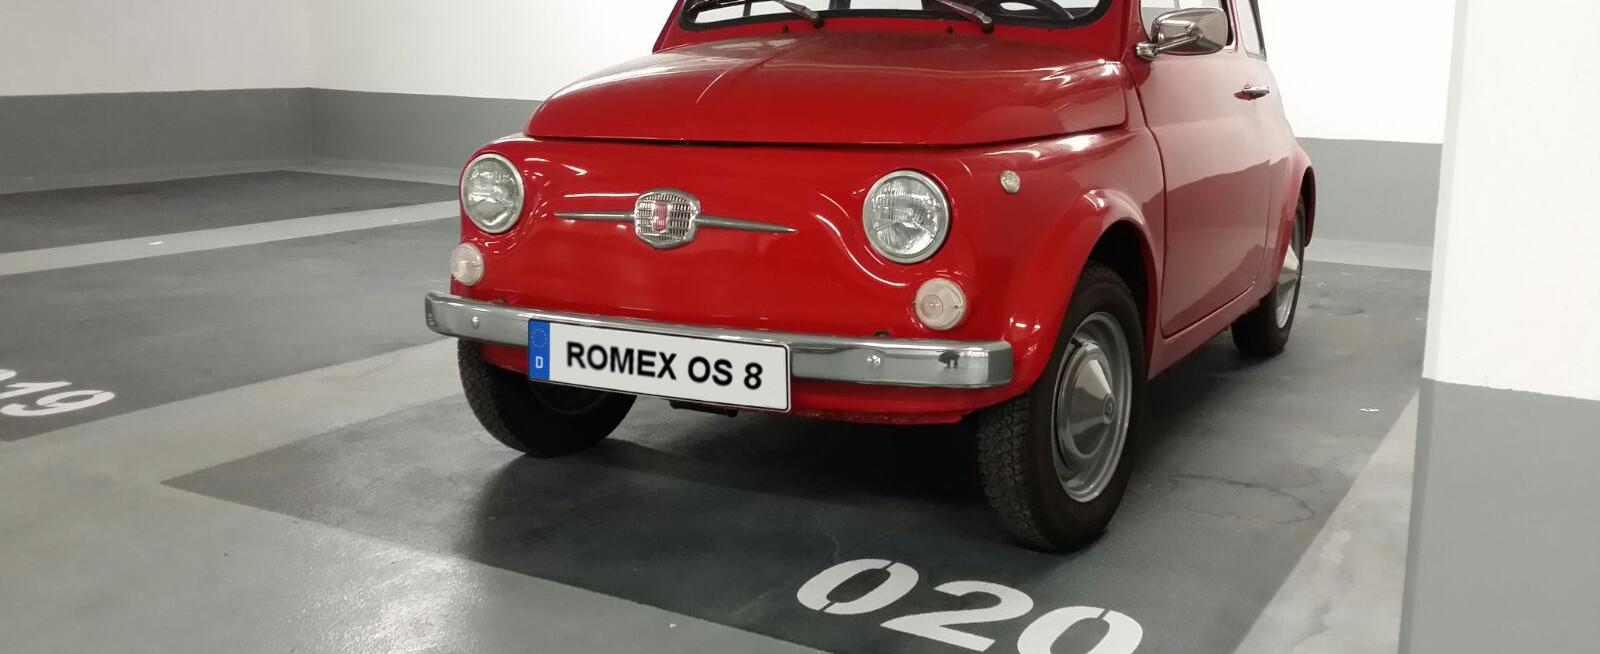 Das Oberflächenschutzsystem von Romex ist nach OS8 geprüft